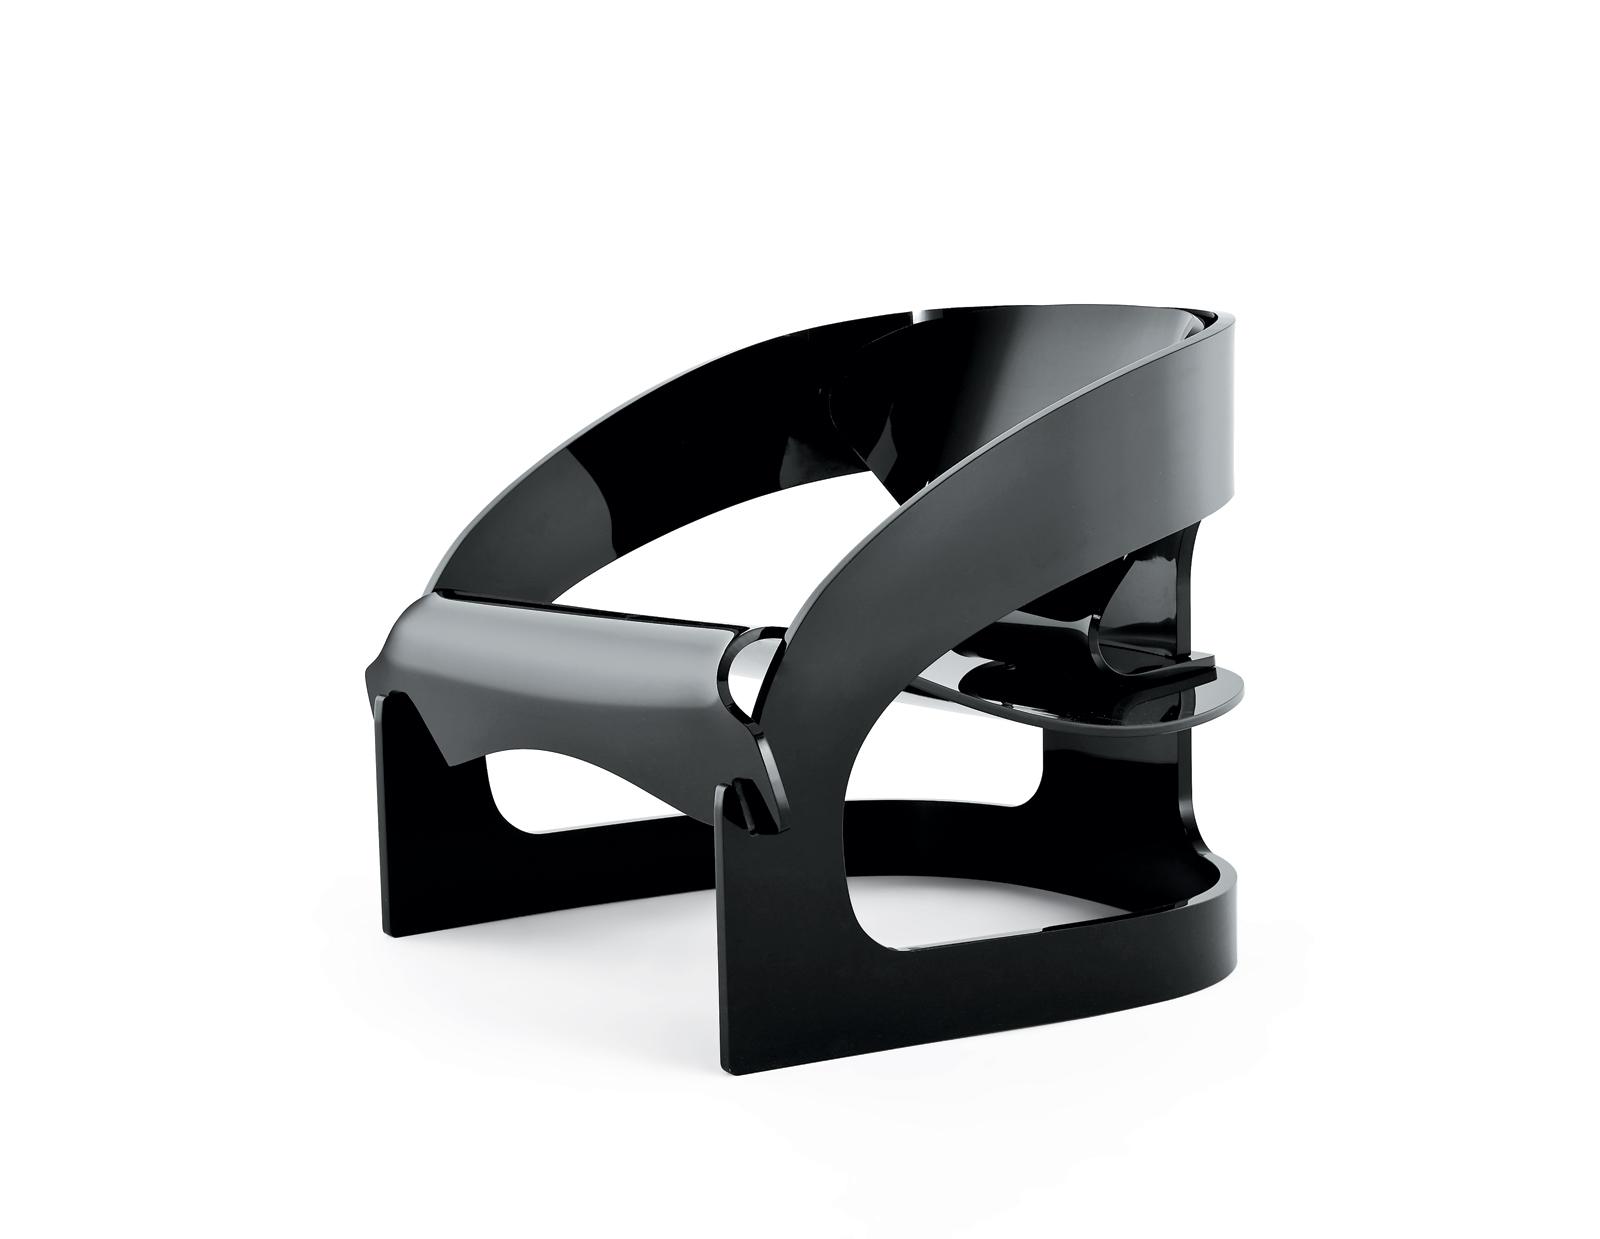 mid-century designer Joe Colombo Kartell 4801 black chair reissue